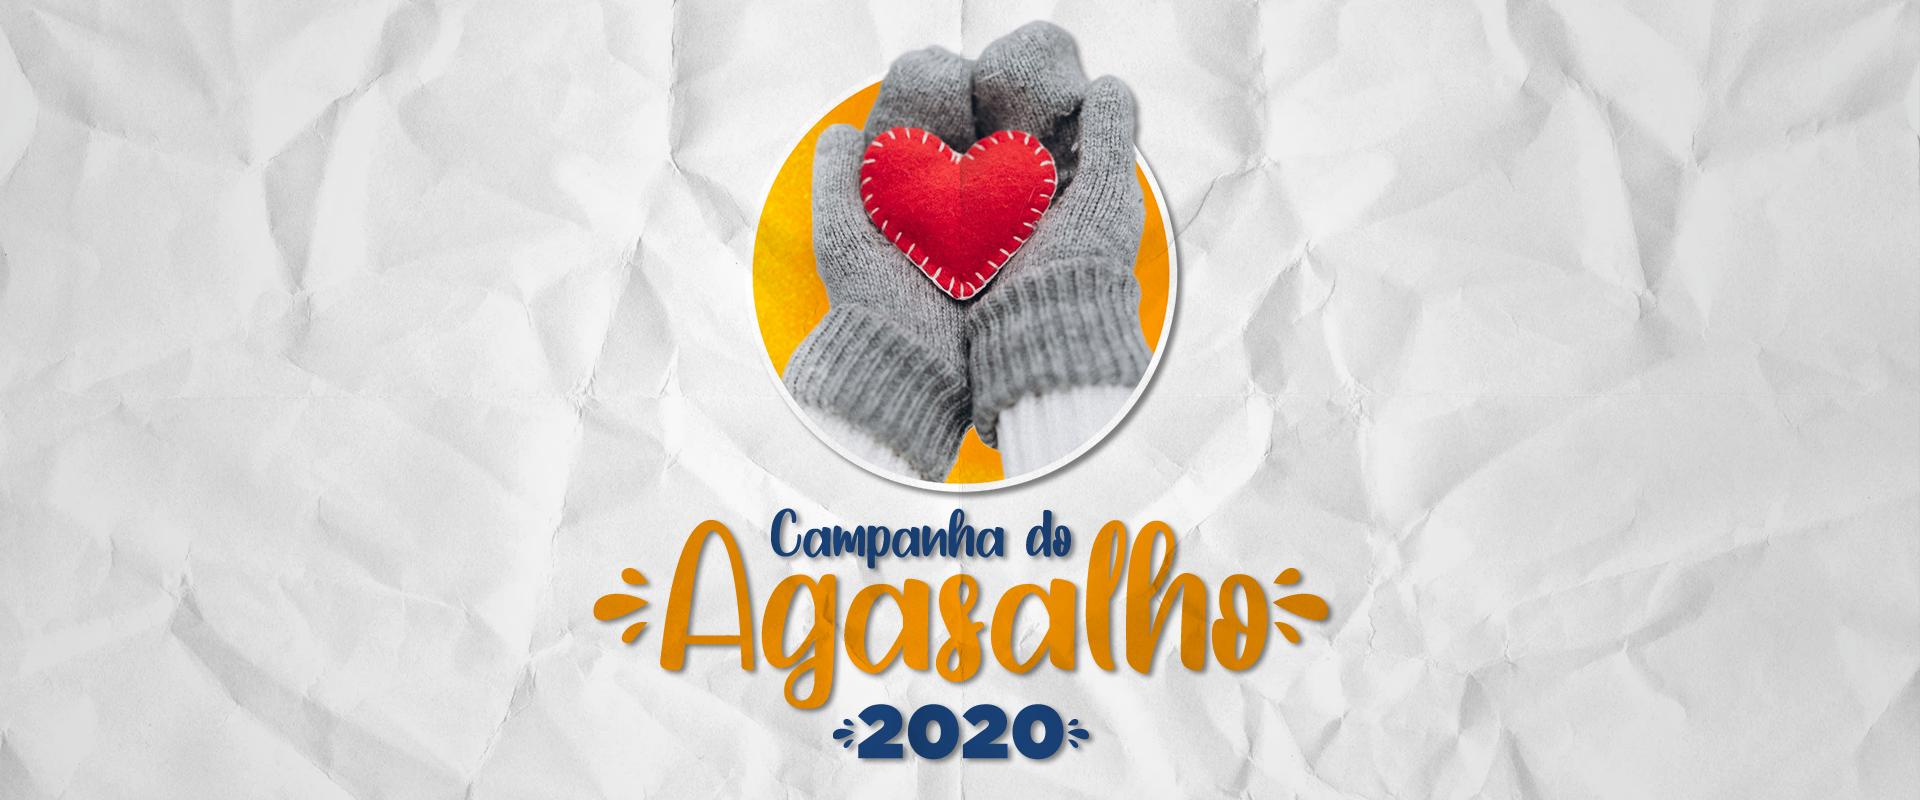 site_campanha do agasalho 2020 banner_FINAL